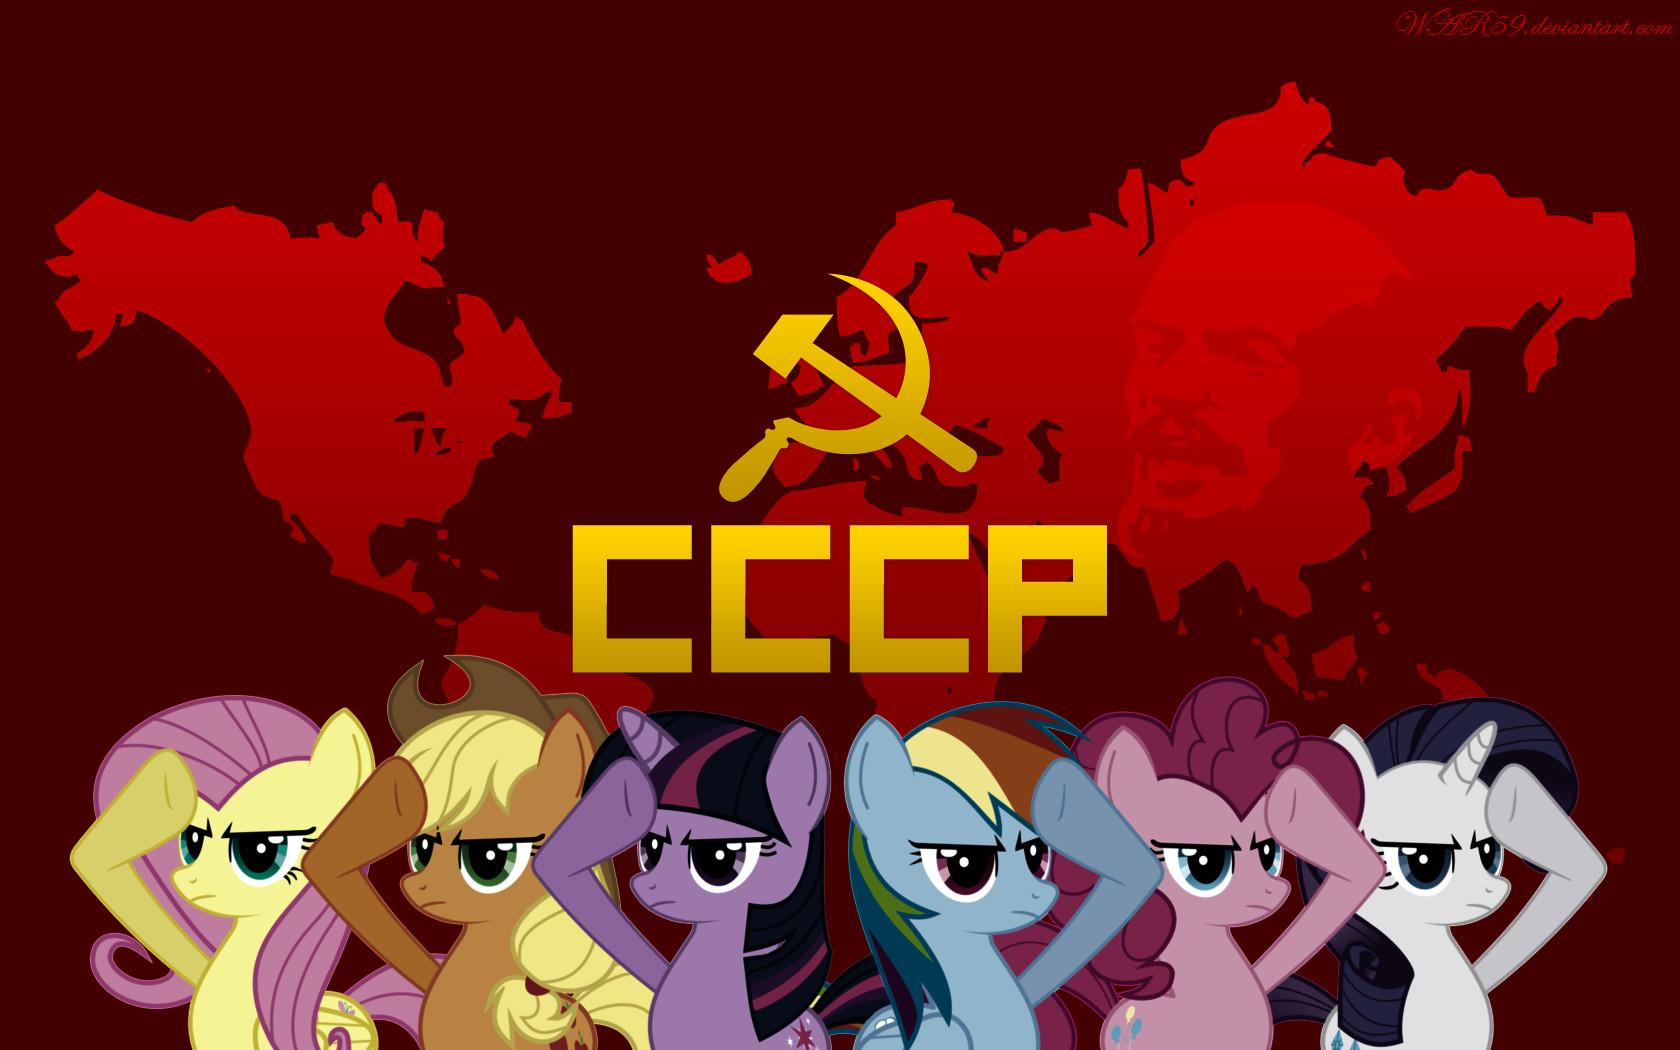 Soviet Ponies by WAR59